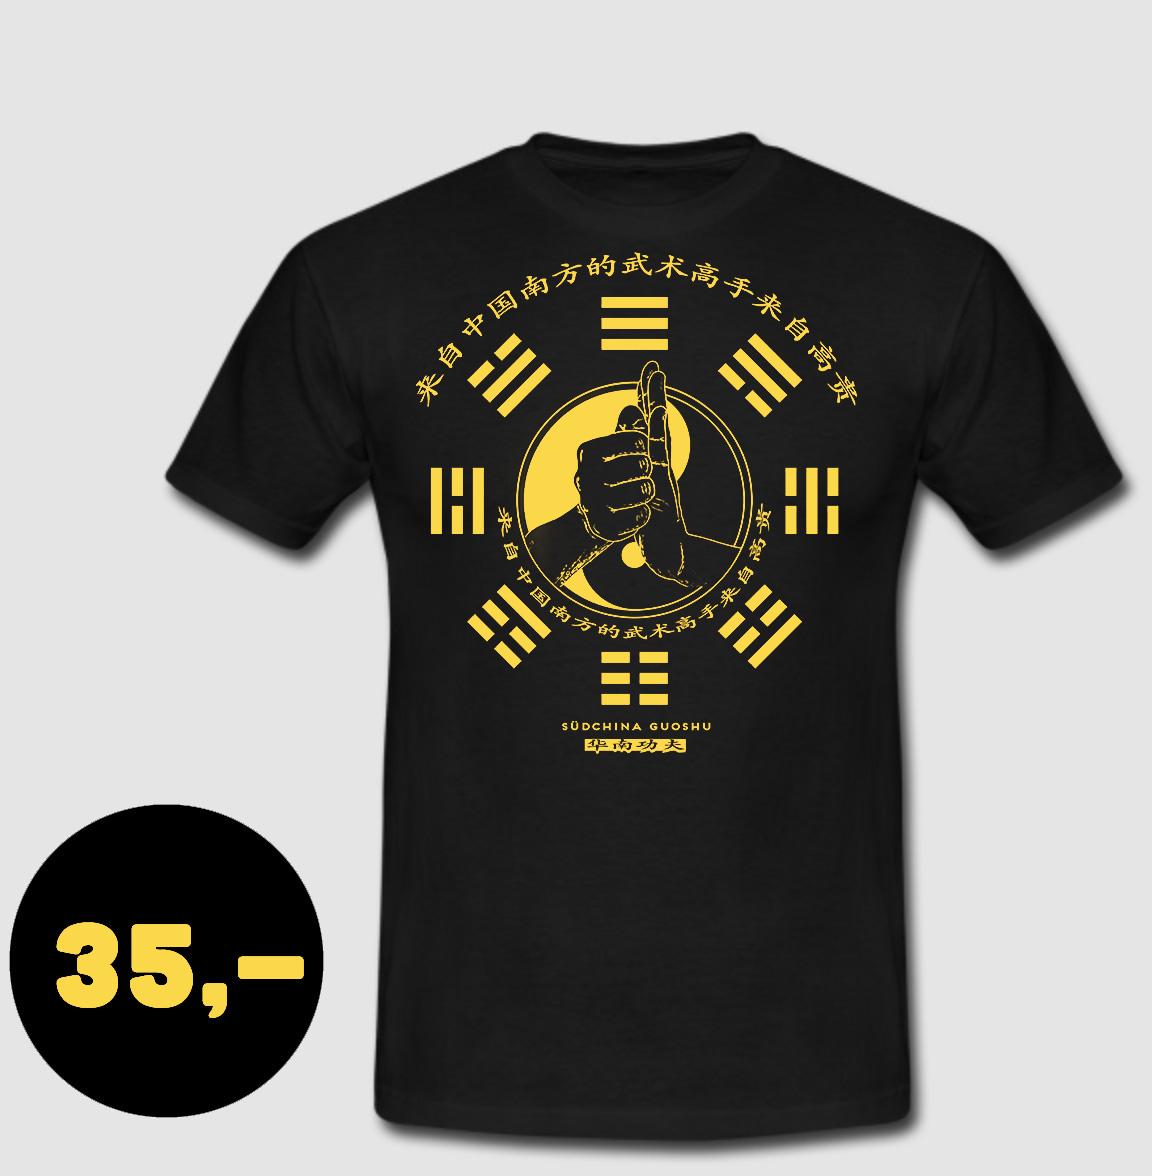 WingChun Classic Shirt #1